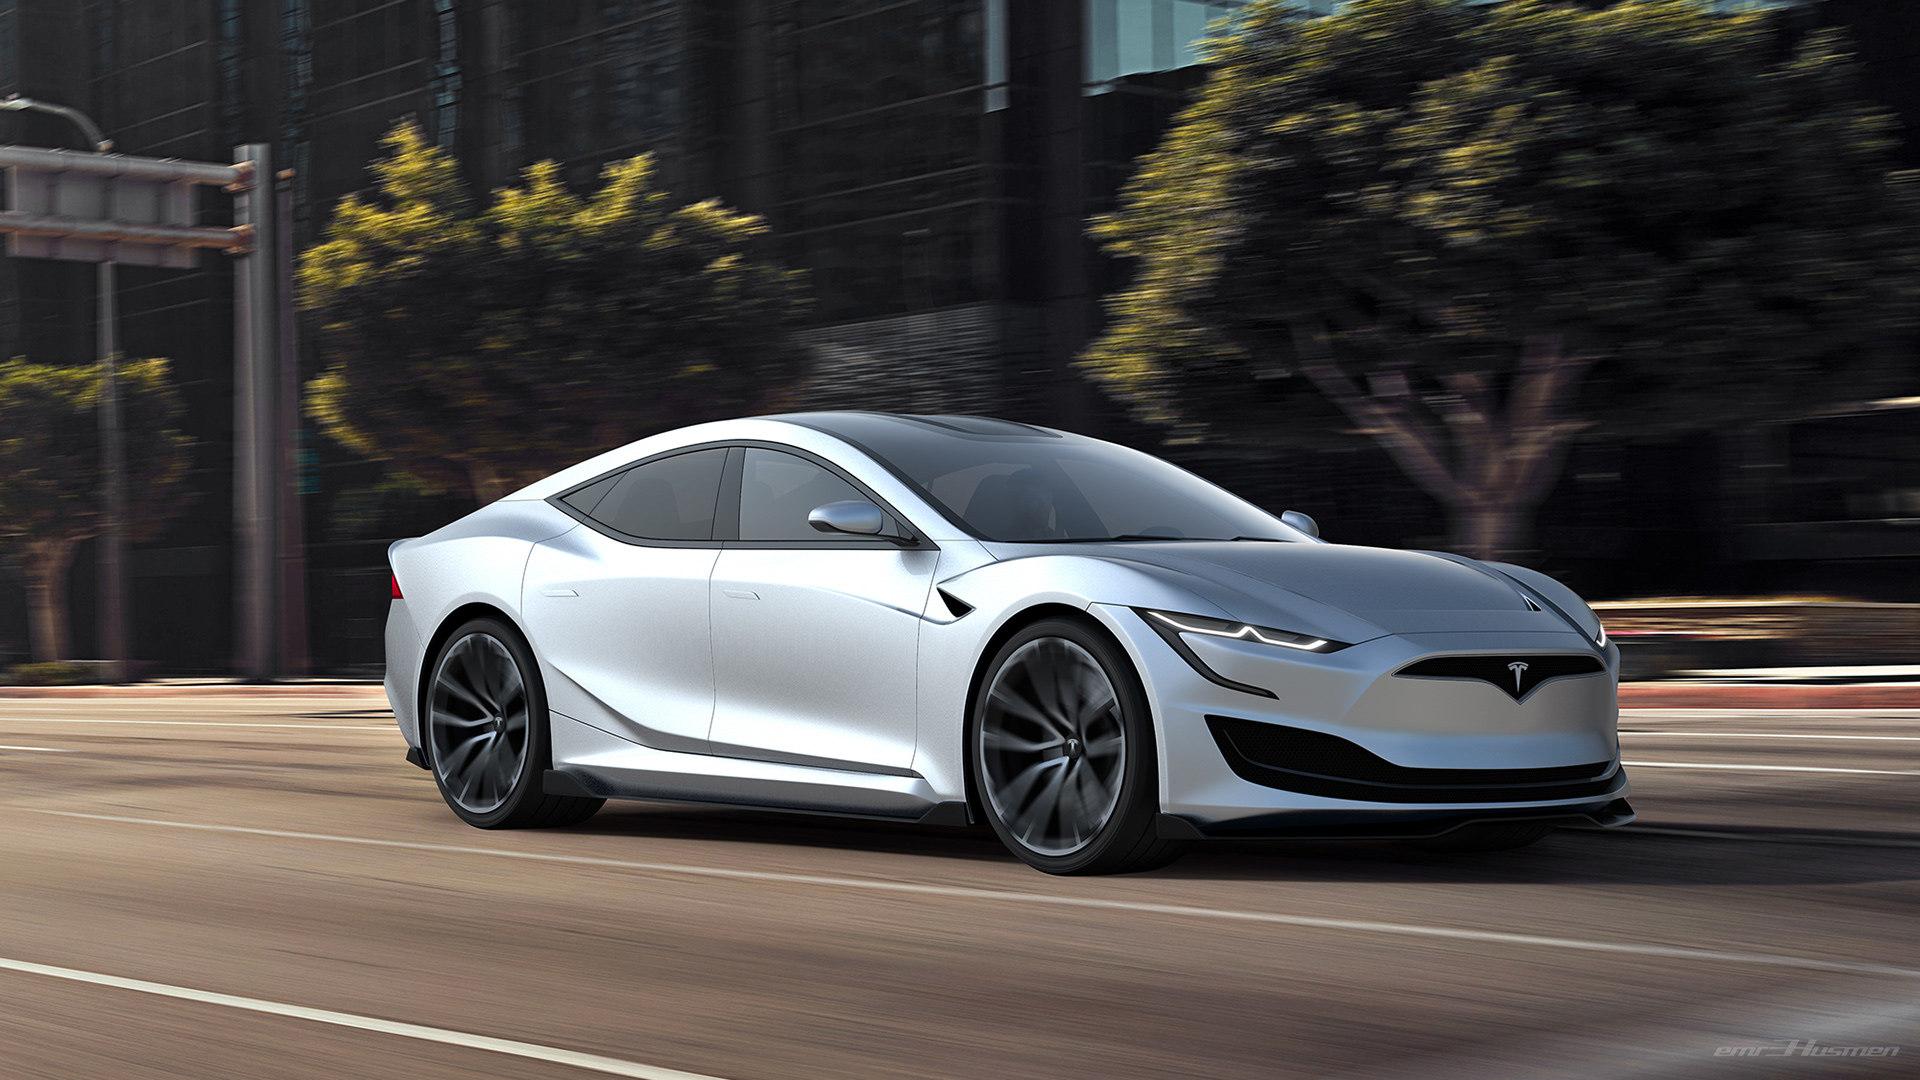 семейная tesla 2020 модельного оказалась быстрее гоночного электромобиля